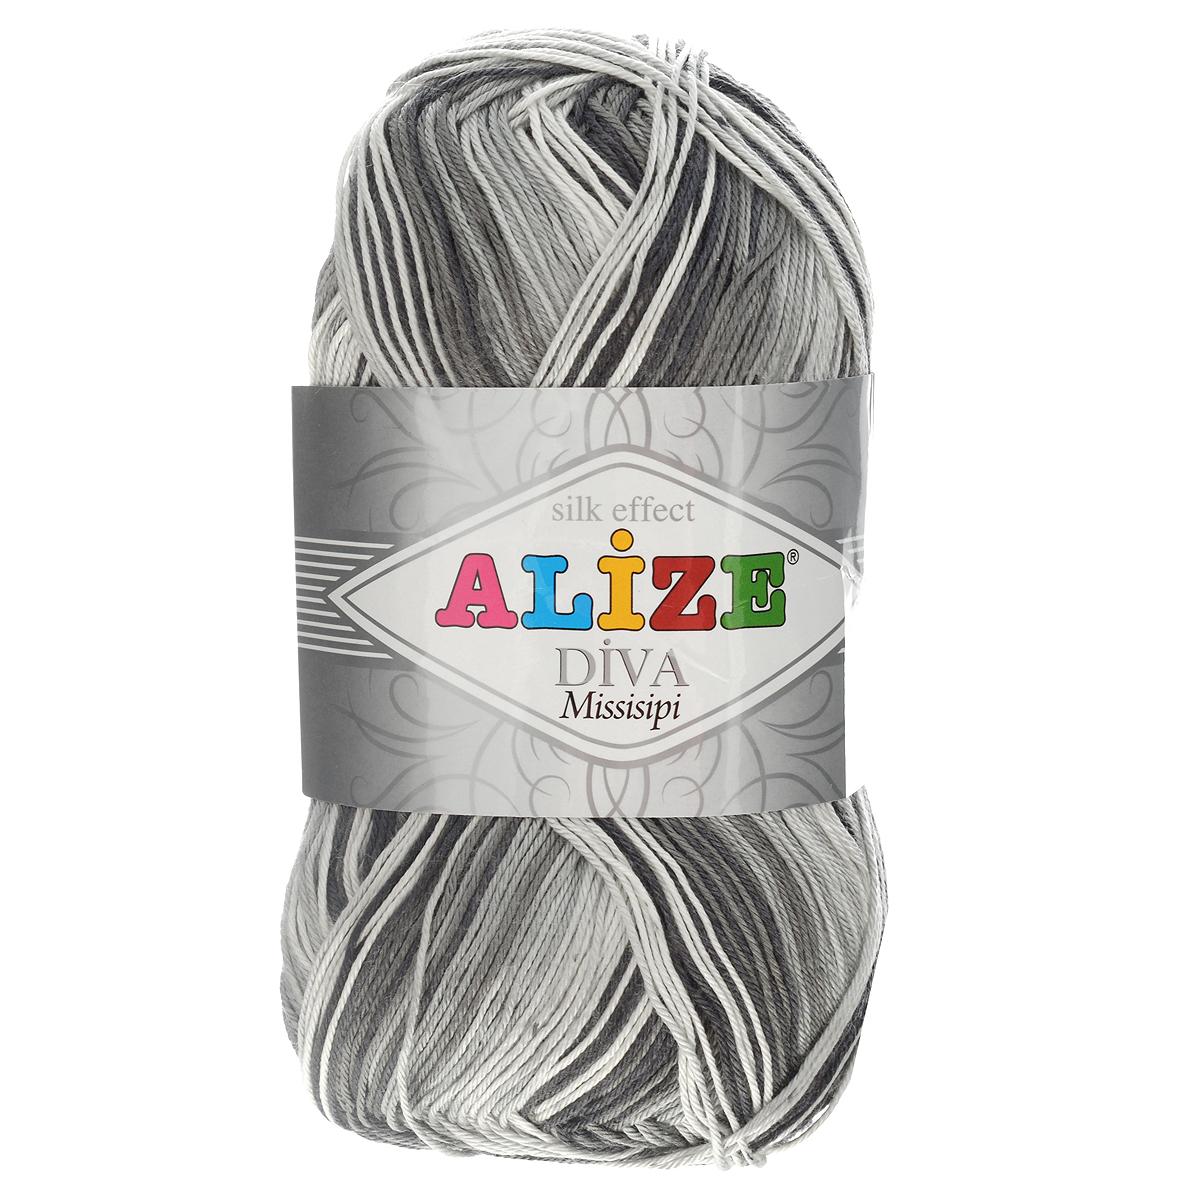 Пряжа для вязания Alize Diva. Missisipi, цвет: белый, серый, черный (3730), 350 м, 100 г, 5 шт367020_3730Пряжа для вязания Alize Diva. Missisipi- это тщательно обработанная акриловая пряжа, которая приобретает вид мерсеризованной нити с эффектом шелка. Пряжа обладает отличными свойствами: мягкая, воздухопроницаемая, прочная. Пряжа из микрофибры считается материалом нового поколения. Легкая шелковистая пряжа удлиненной секции окрашивания для весенних или летних вещей. Приятная на ощупь, гигроскопичная она подойдет для сарафанов, туник, платьев, легких костюмов, кофт, шалей и накидок. Пряжа не скатывается, не вызывает аллергию, не линяет и не оставляет ворсинок на другой одежде. Рекомендации по уходу: деликатная ручная стирка при 30°С, не отжимать в стиральной машине, не отбеливать хлорсодержащими веществами. Глажение на минимальной температуре. Сушите на горизонтальной поверхности: предварительно придав изделию естественную форму. Рекомендованный размер спиц: №2,5-3,5. Рекомендованный размер крючка: №1-3.